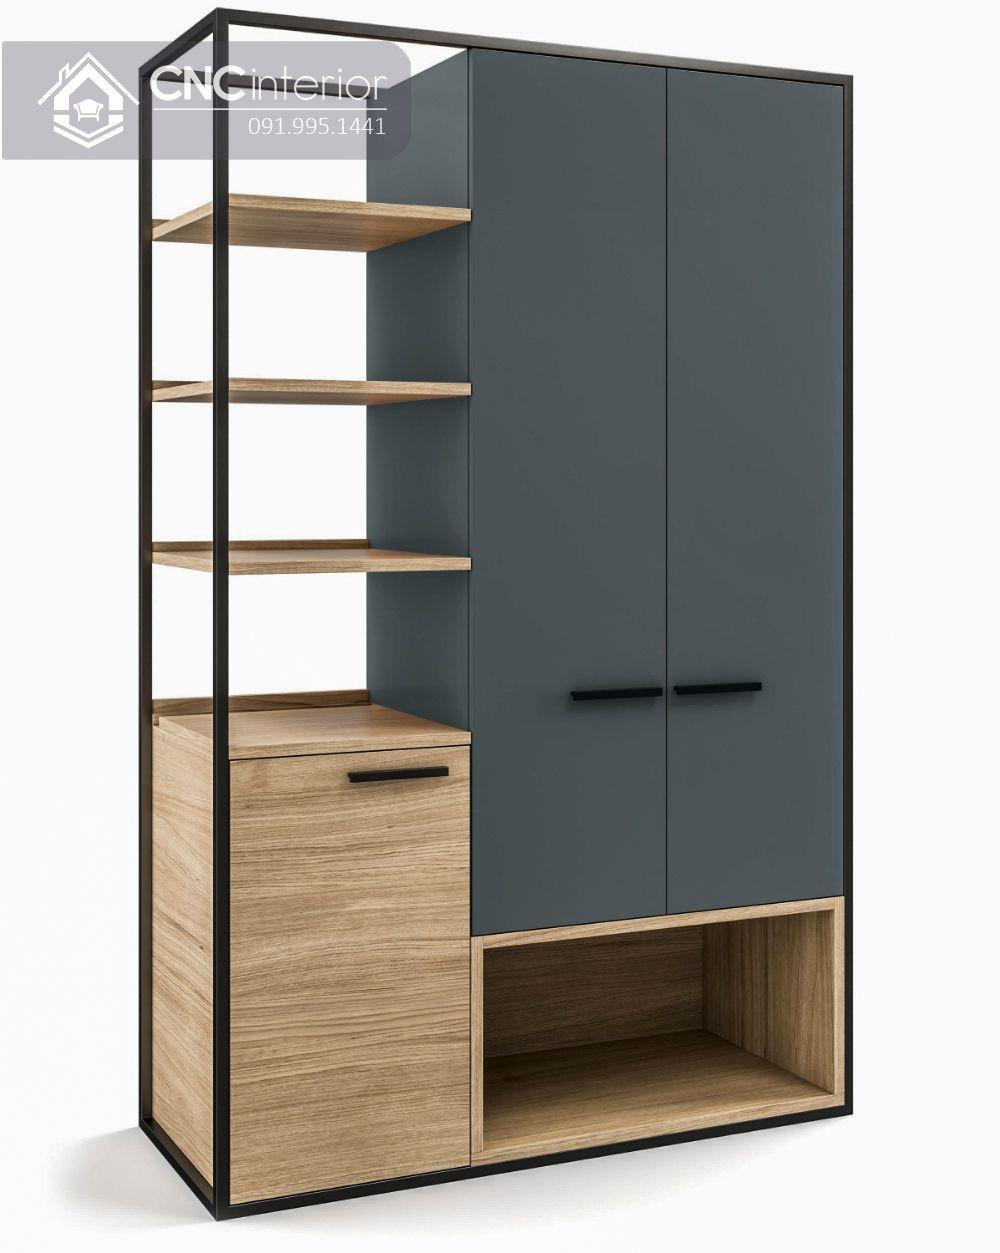 Tủ quần áo kết hợp kệ trang trí hiện đại CNC 16